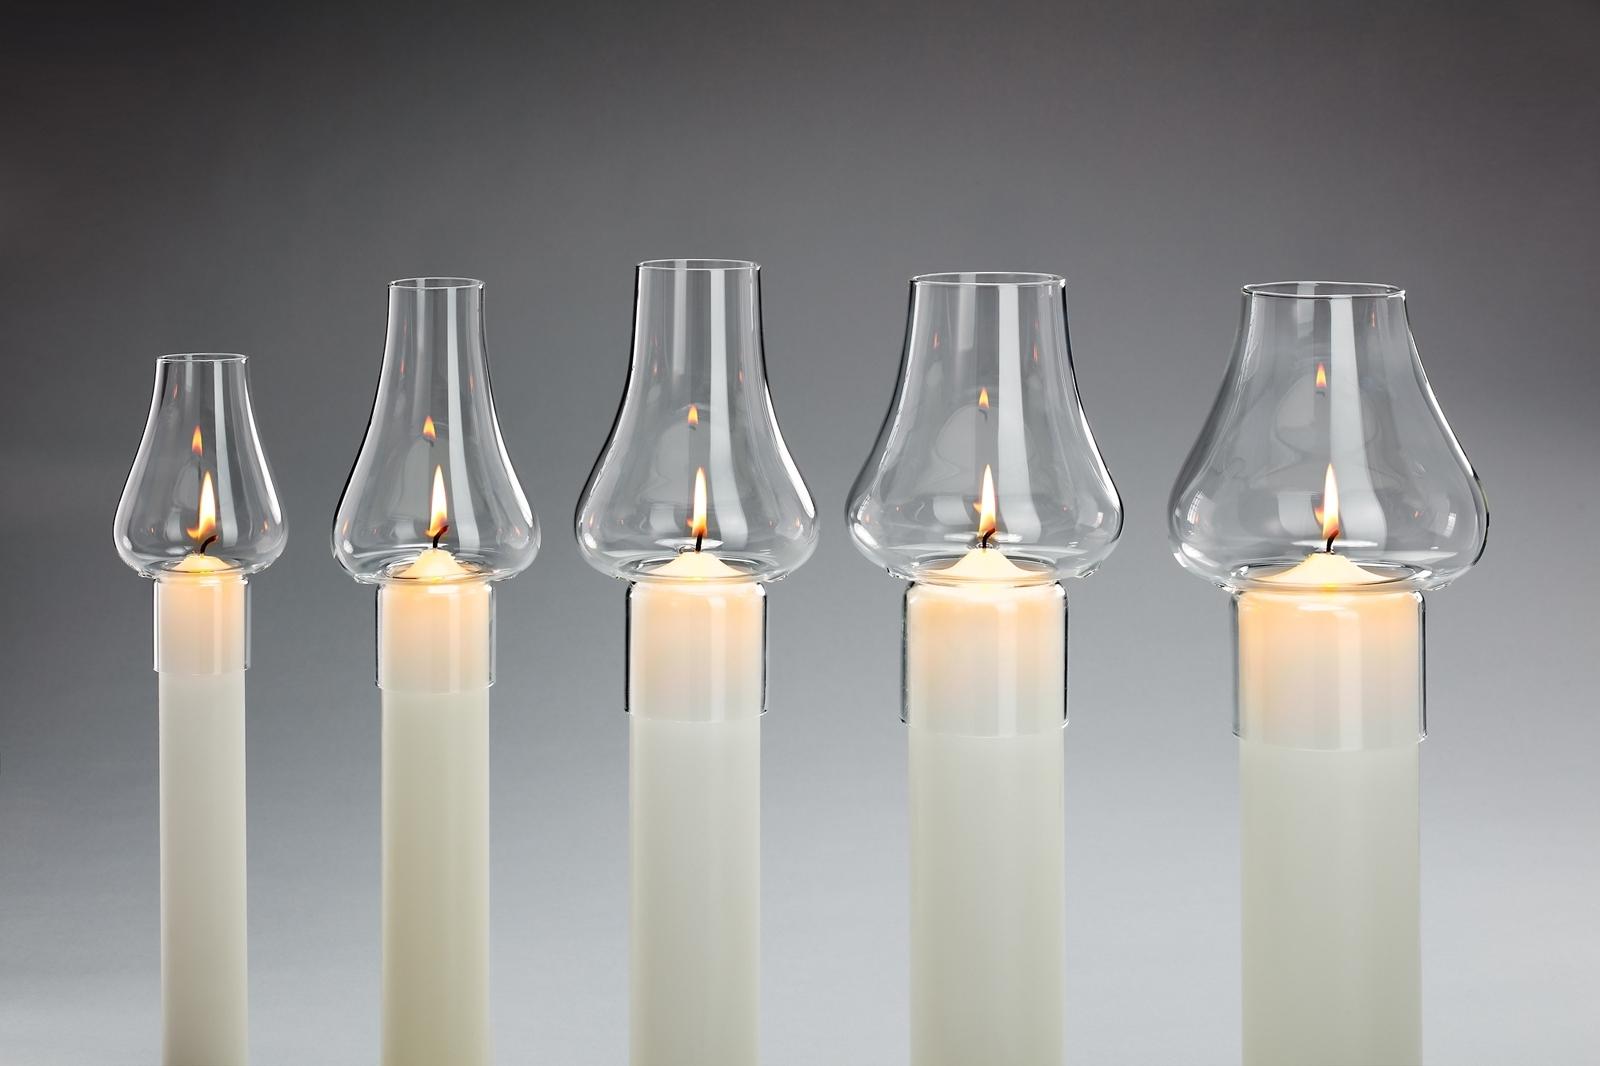 kirchenbedarf friedrich windschutz glas f r kerzen mit 4 cm durchmesser online kaufen. Black Bedroom Furniture Sets. Home Design Ideas